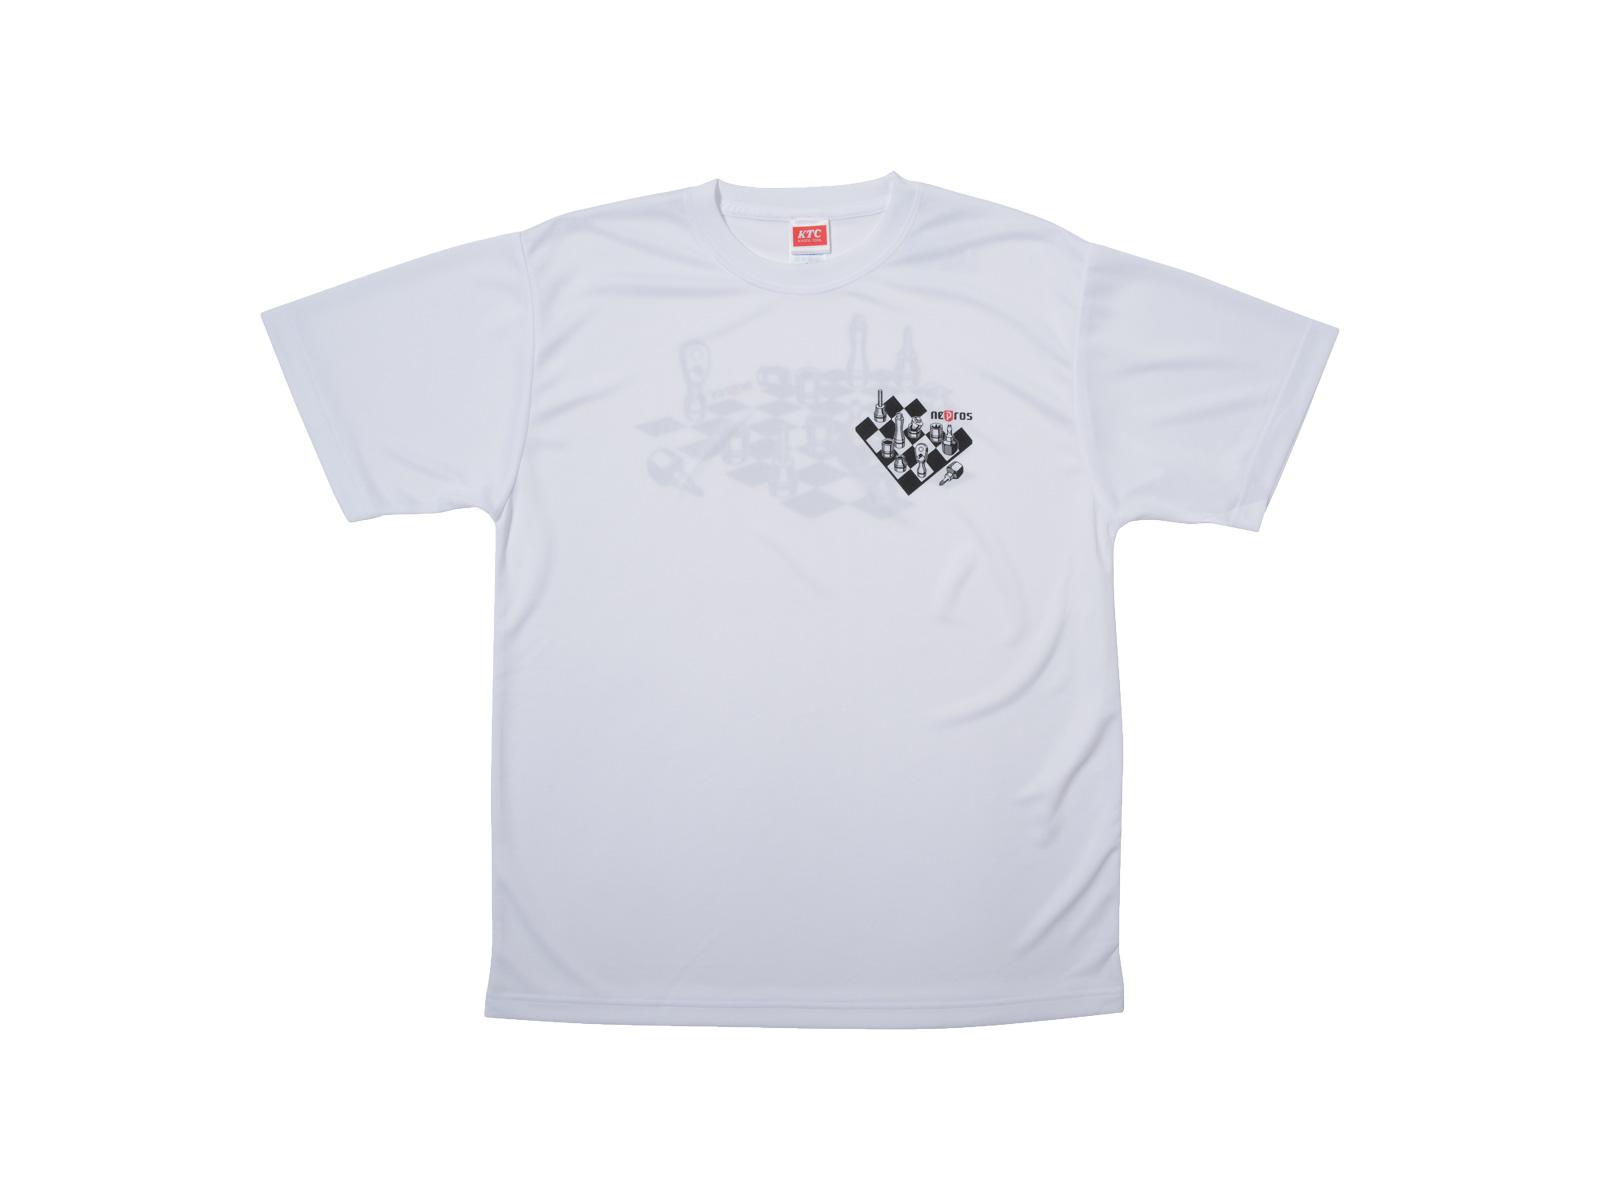 nepros工具チェスドライTシャツ 表